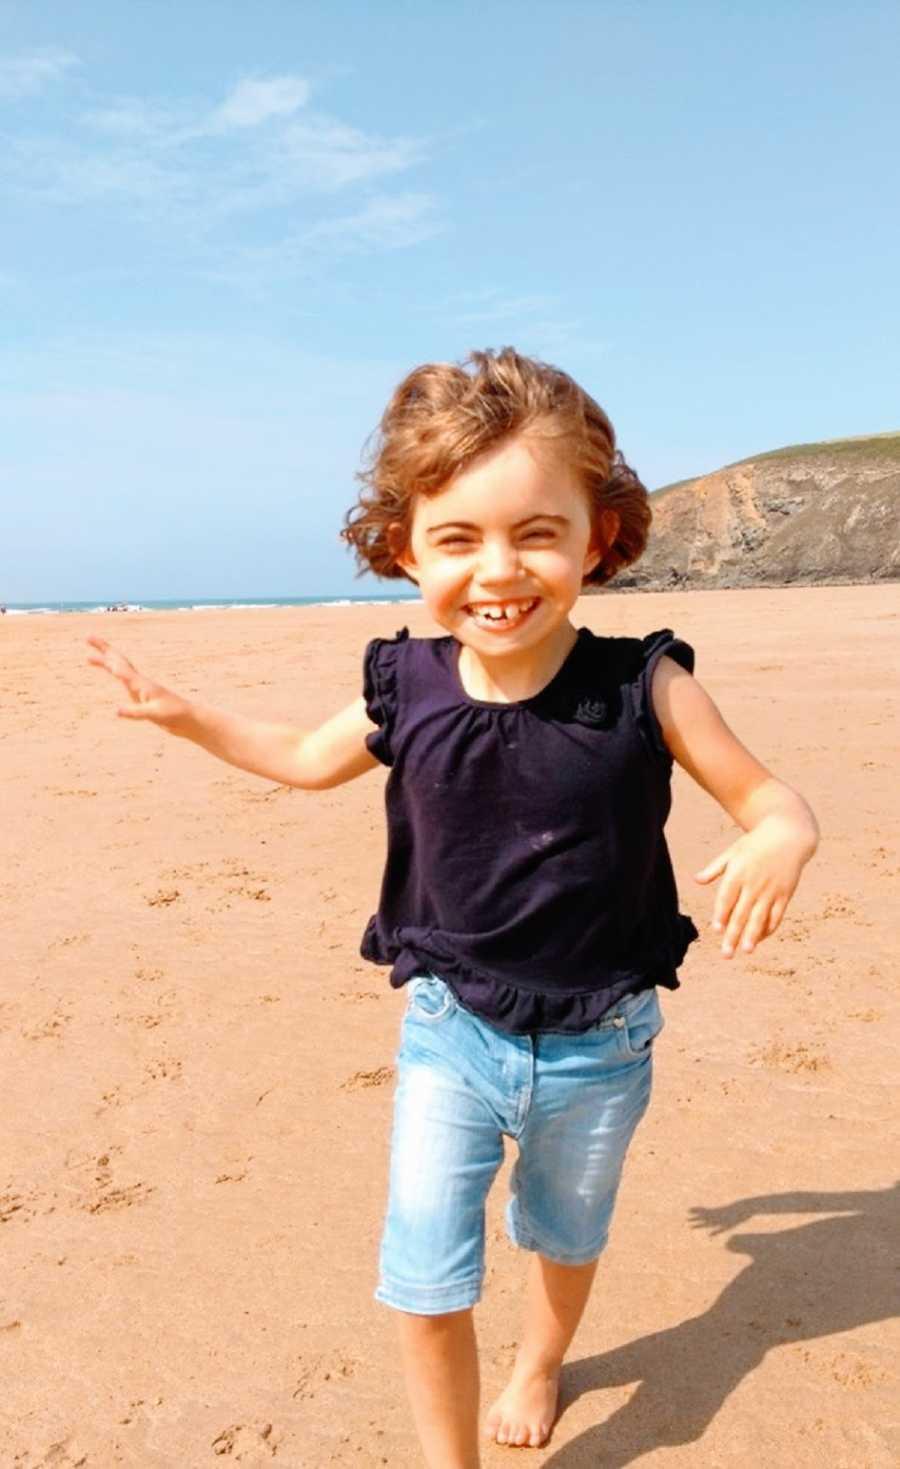 A young girl runs on a beach